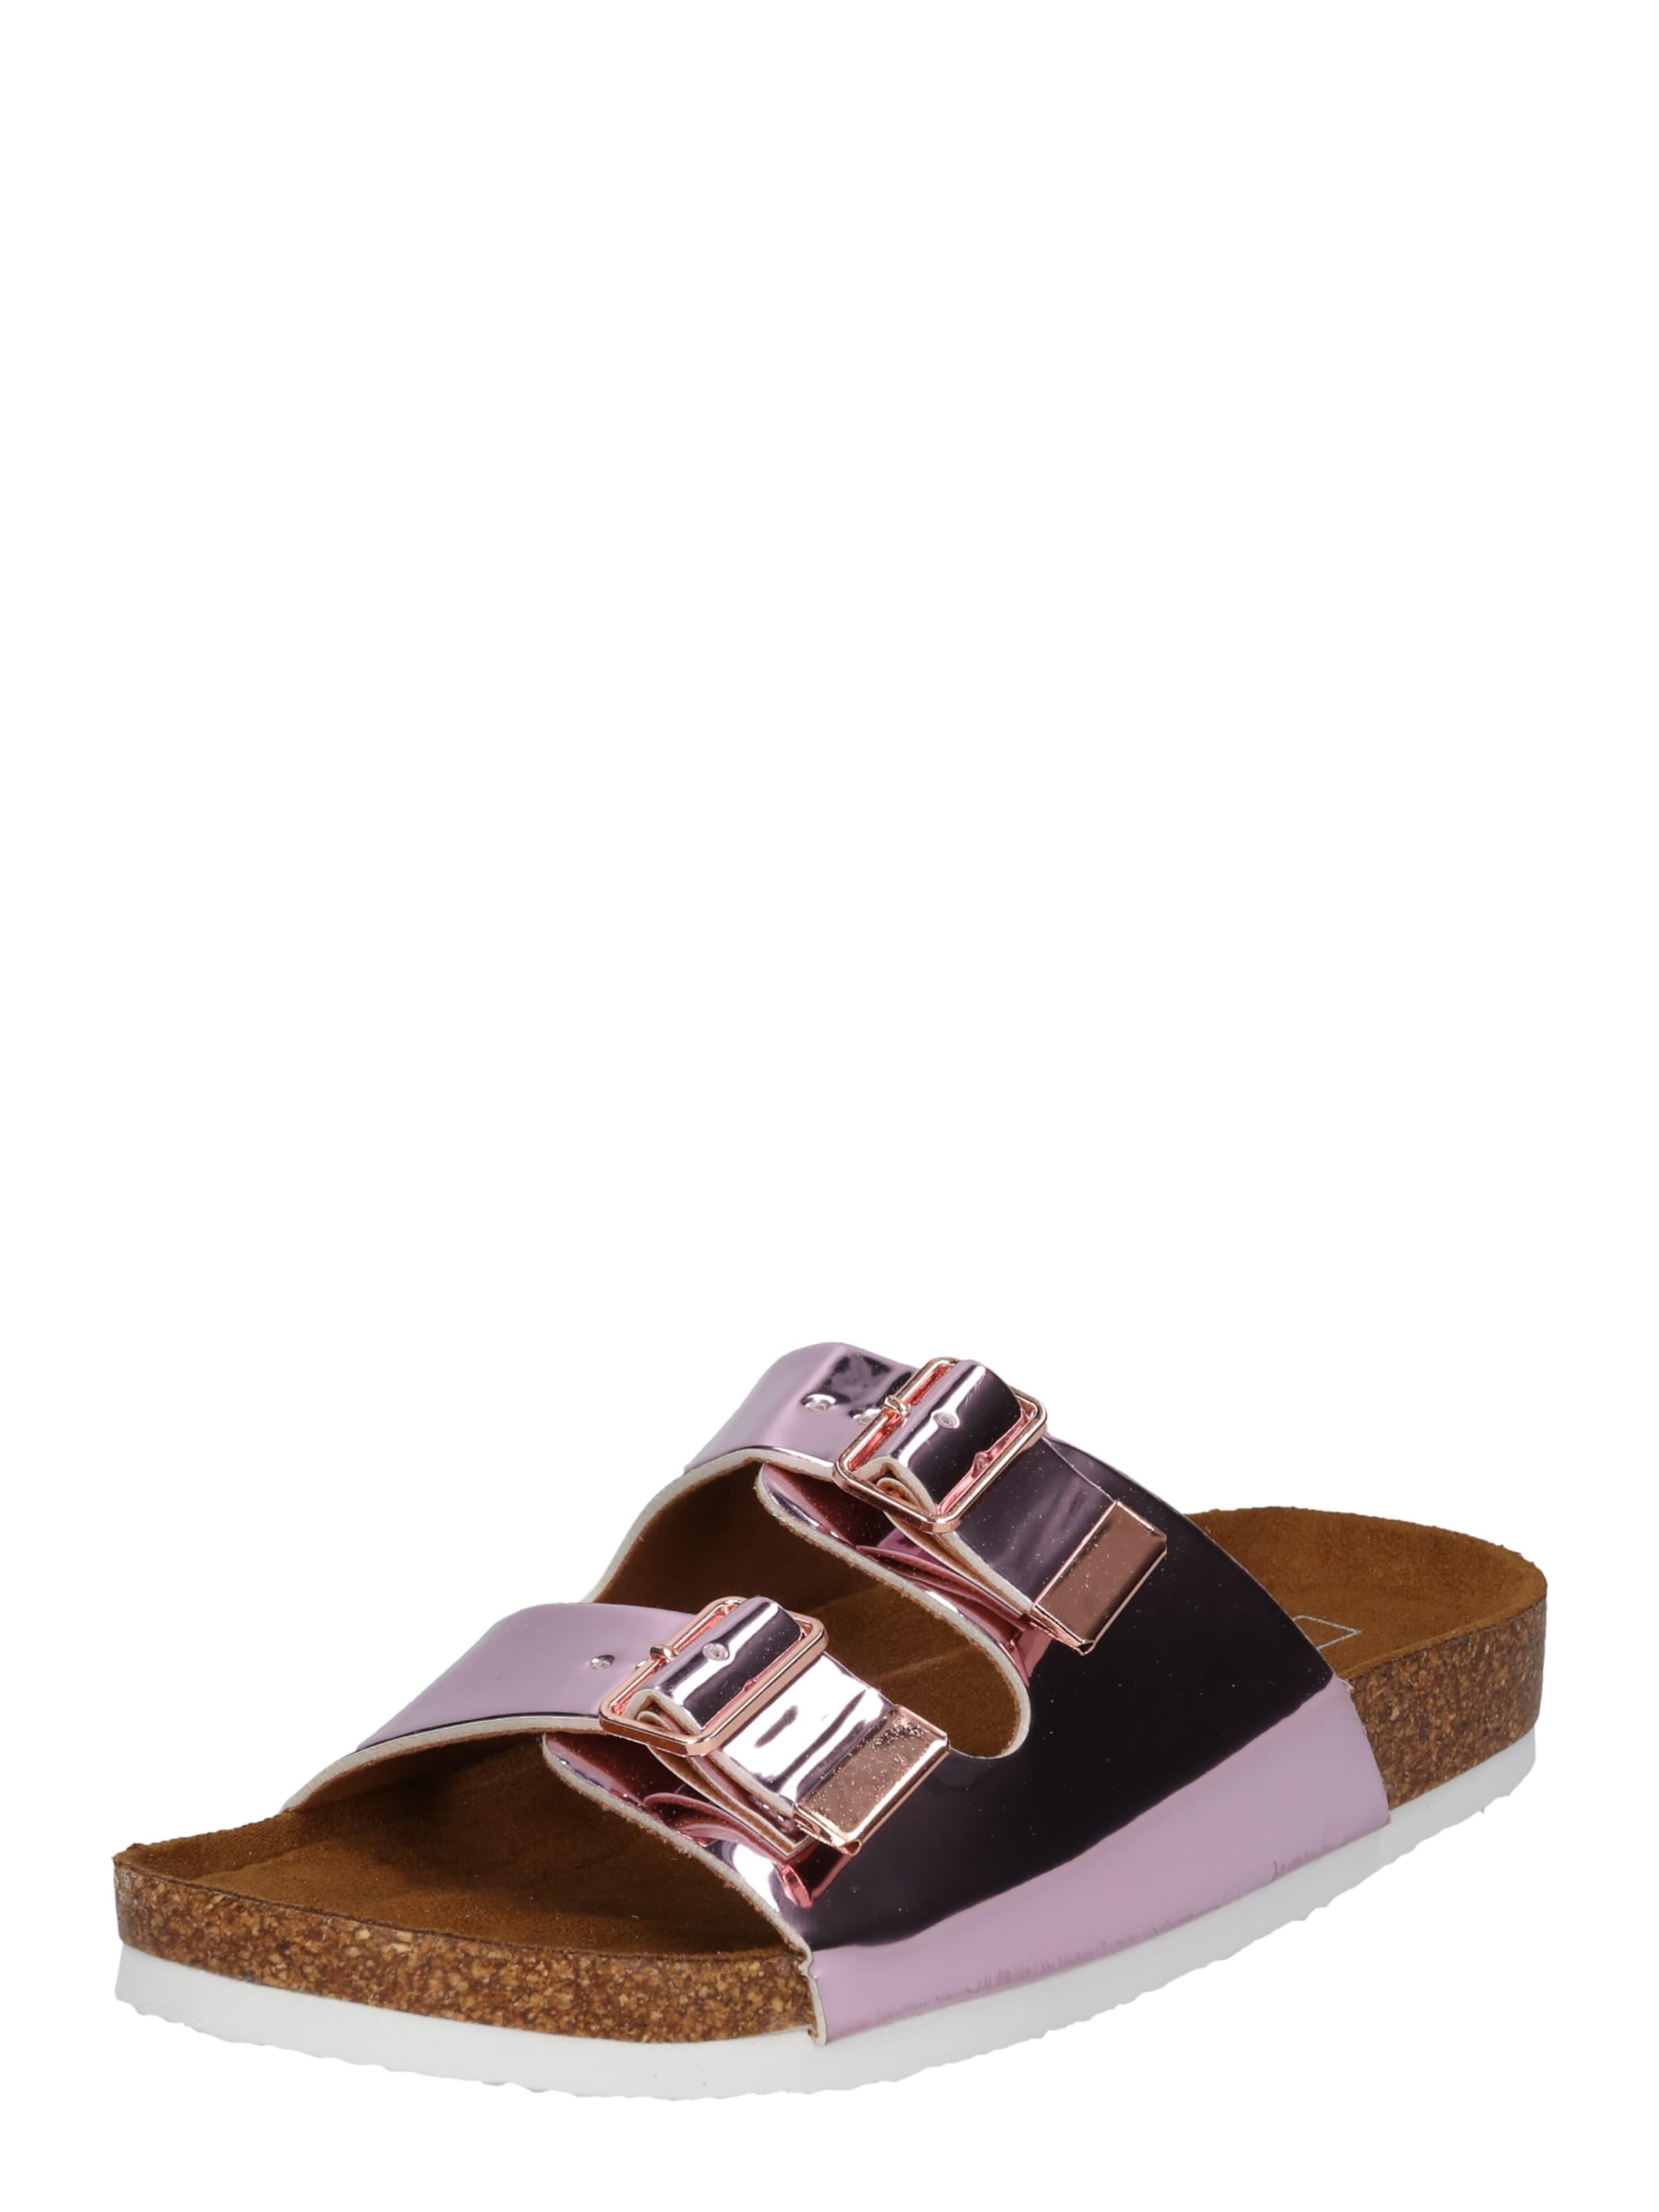 ONLY Pantolette MATHILDA Verschleißfeste billige Schuhe